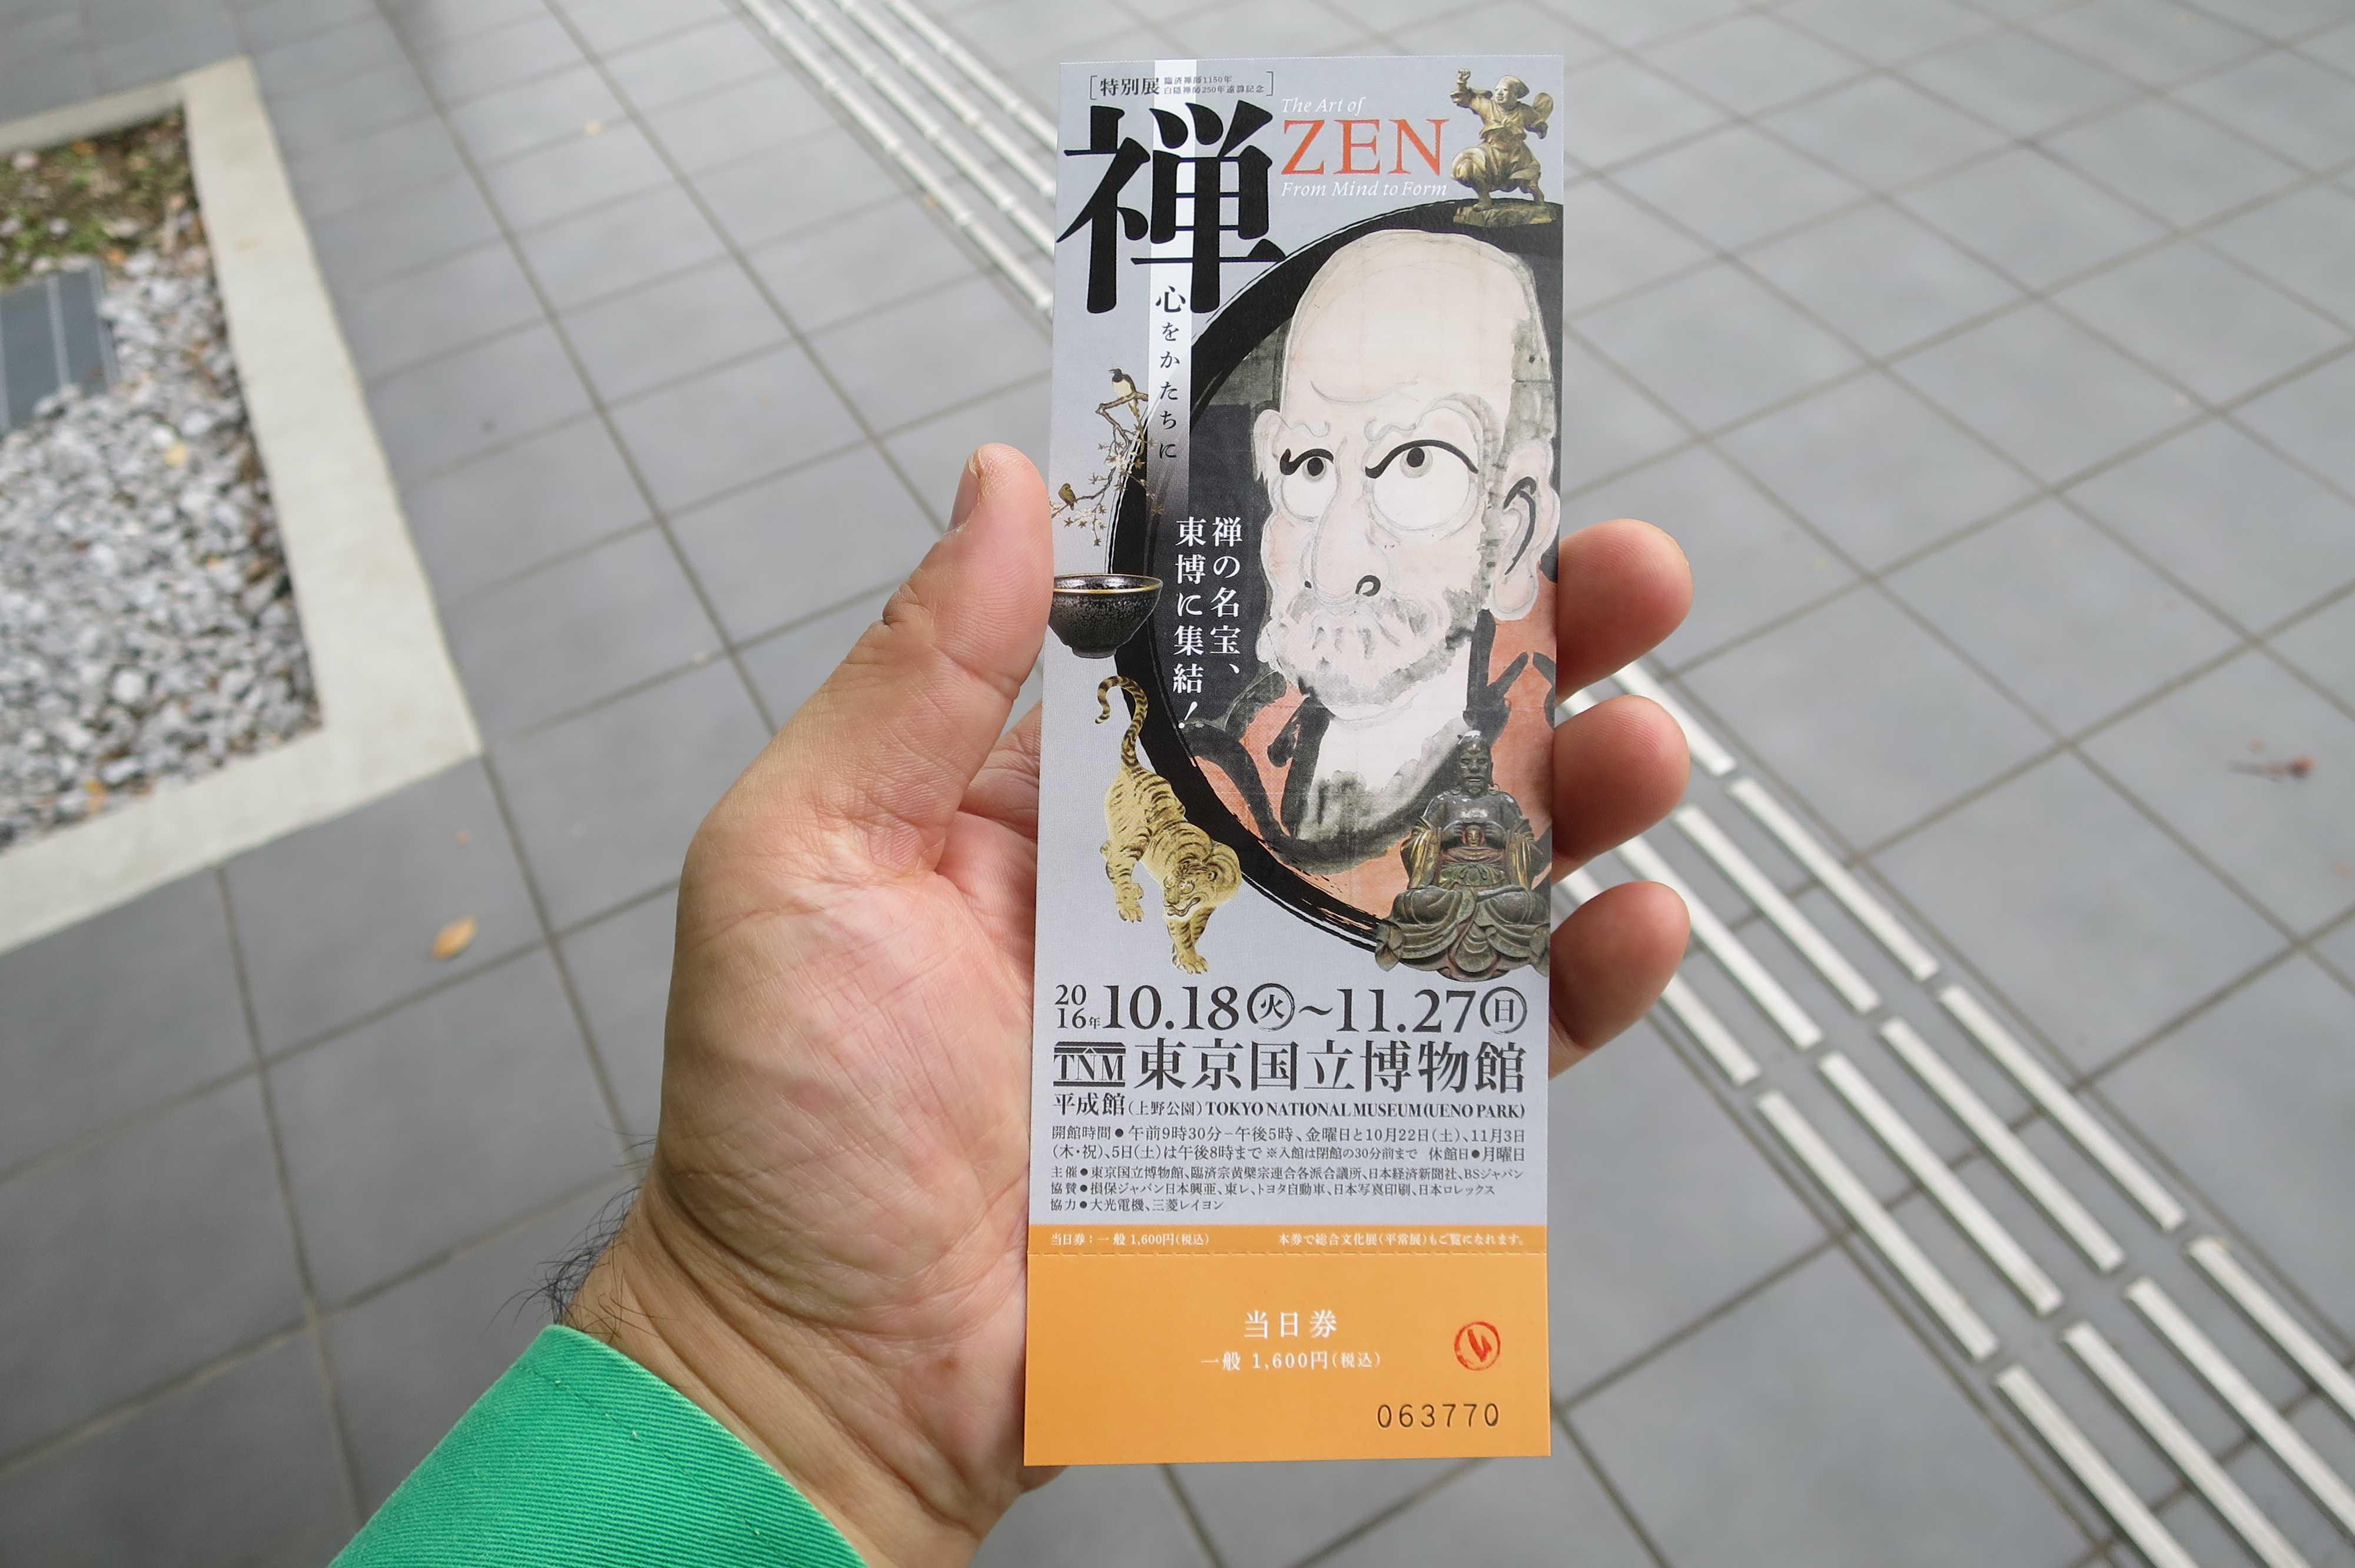 特別展「禅/ZEN」のチケット